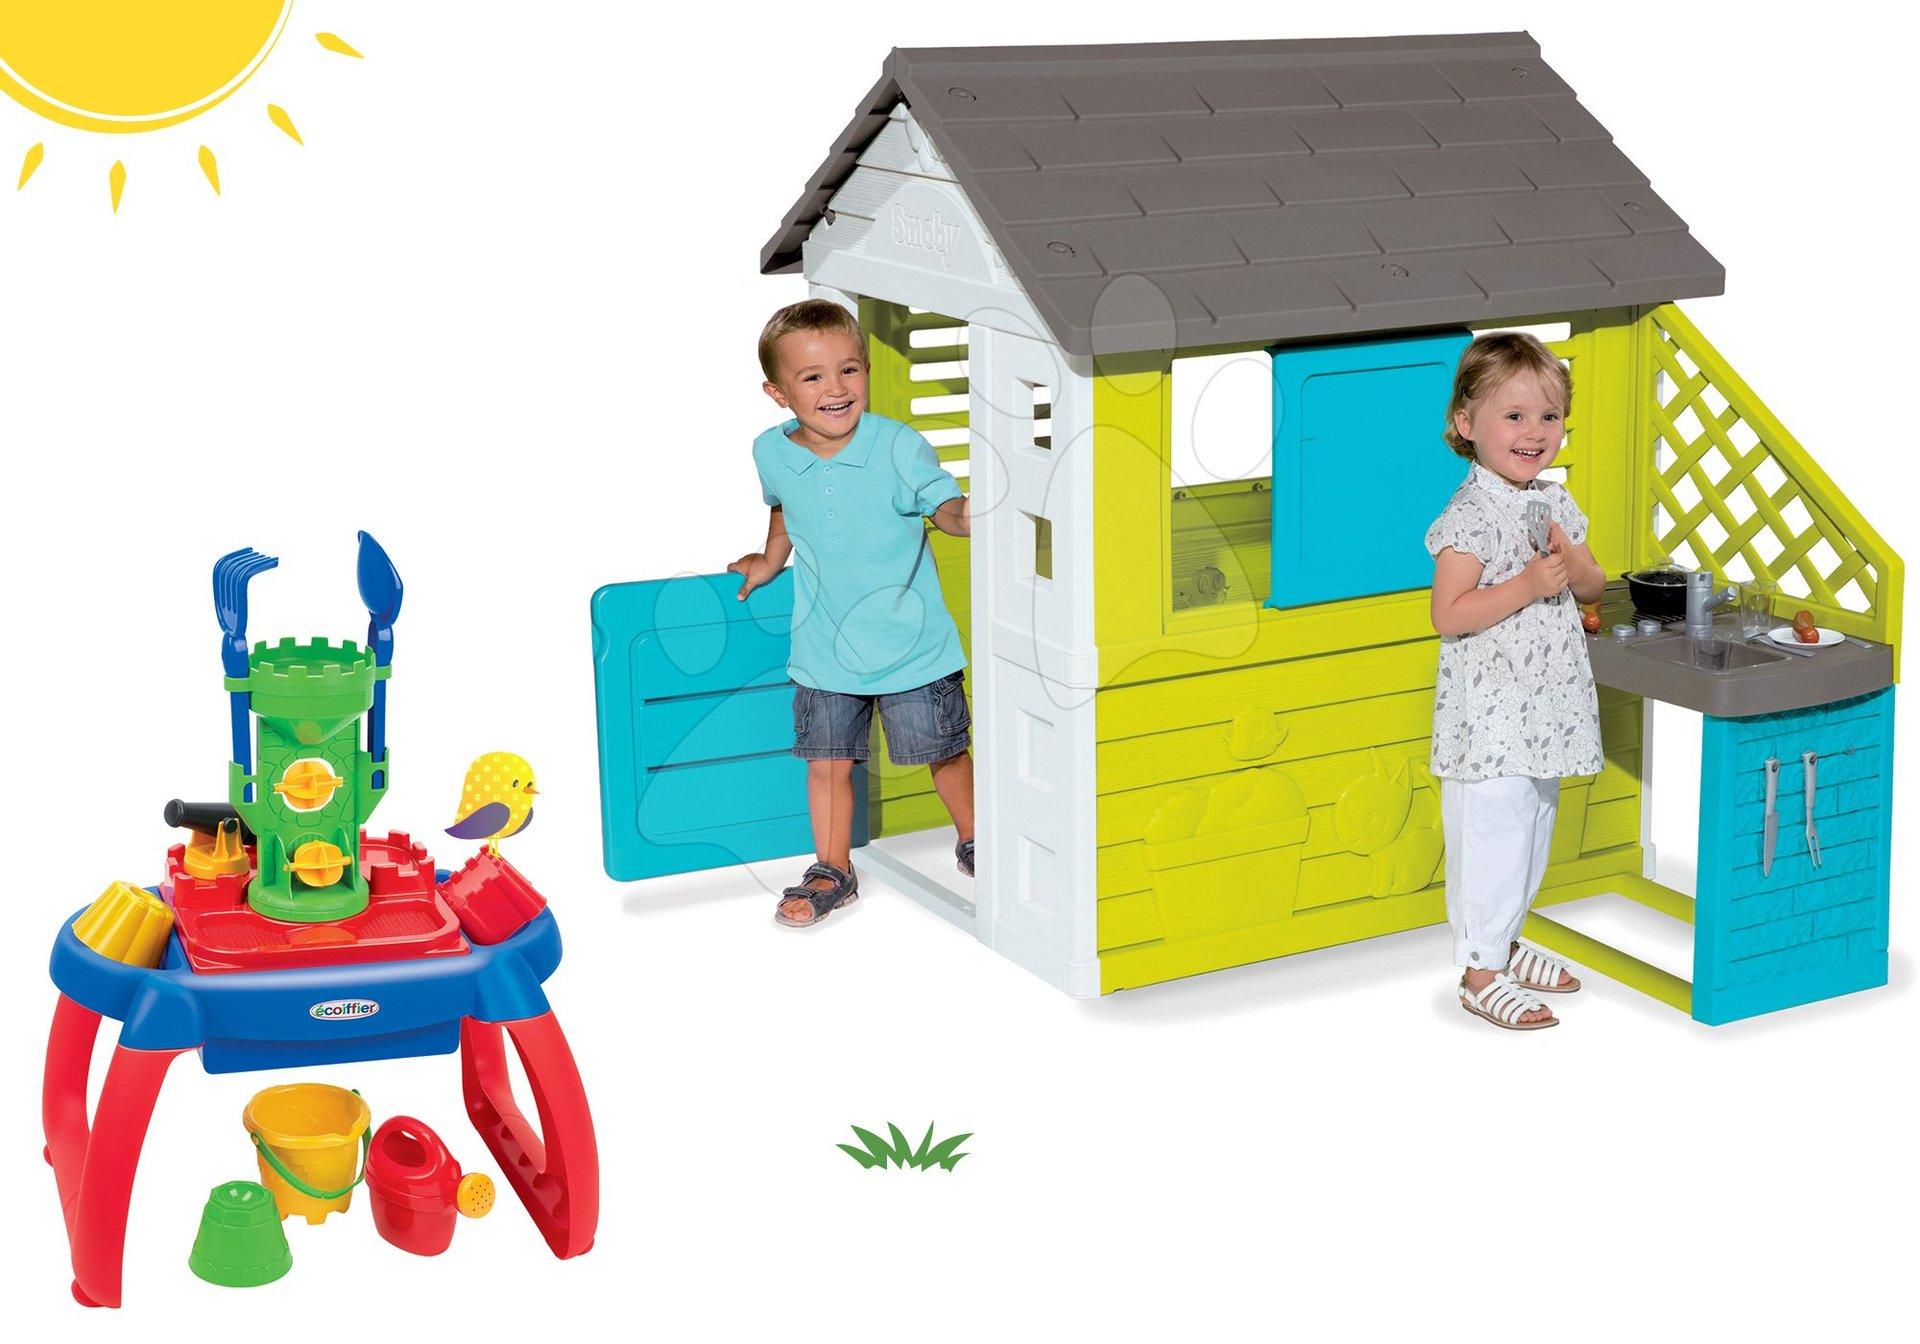 Smoby set detský domček Pretty Blue s letnou kuchynkou a pieskovisko stolík na vodu a piesok 810703-35